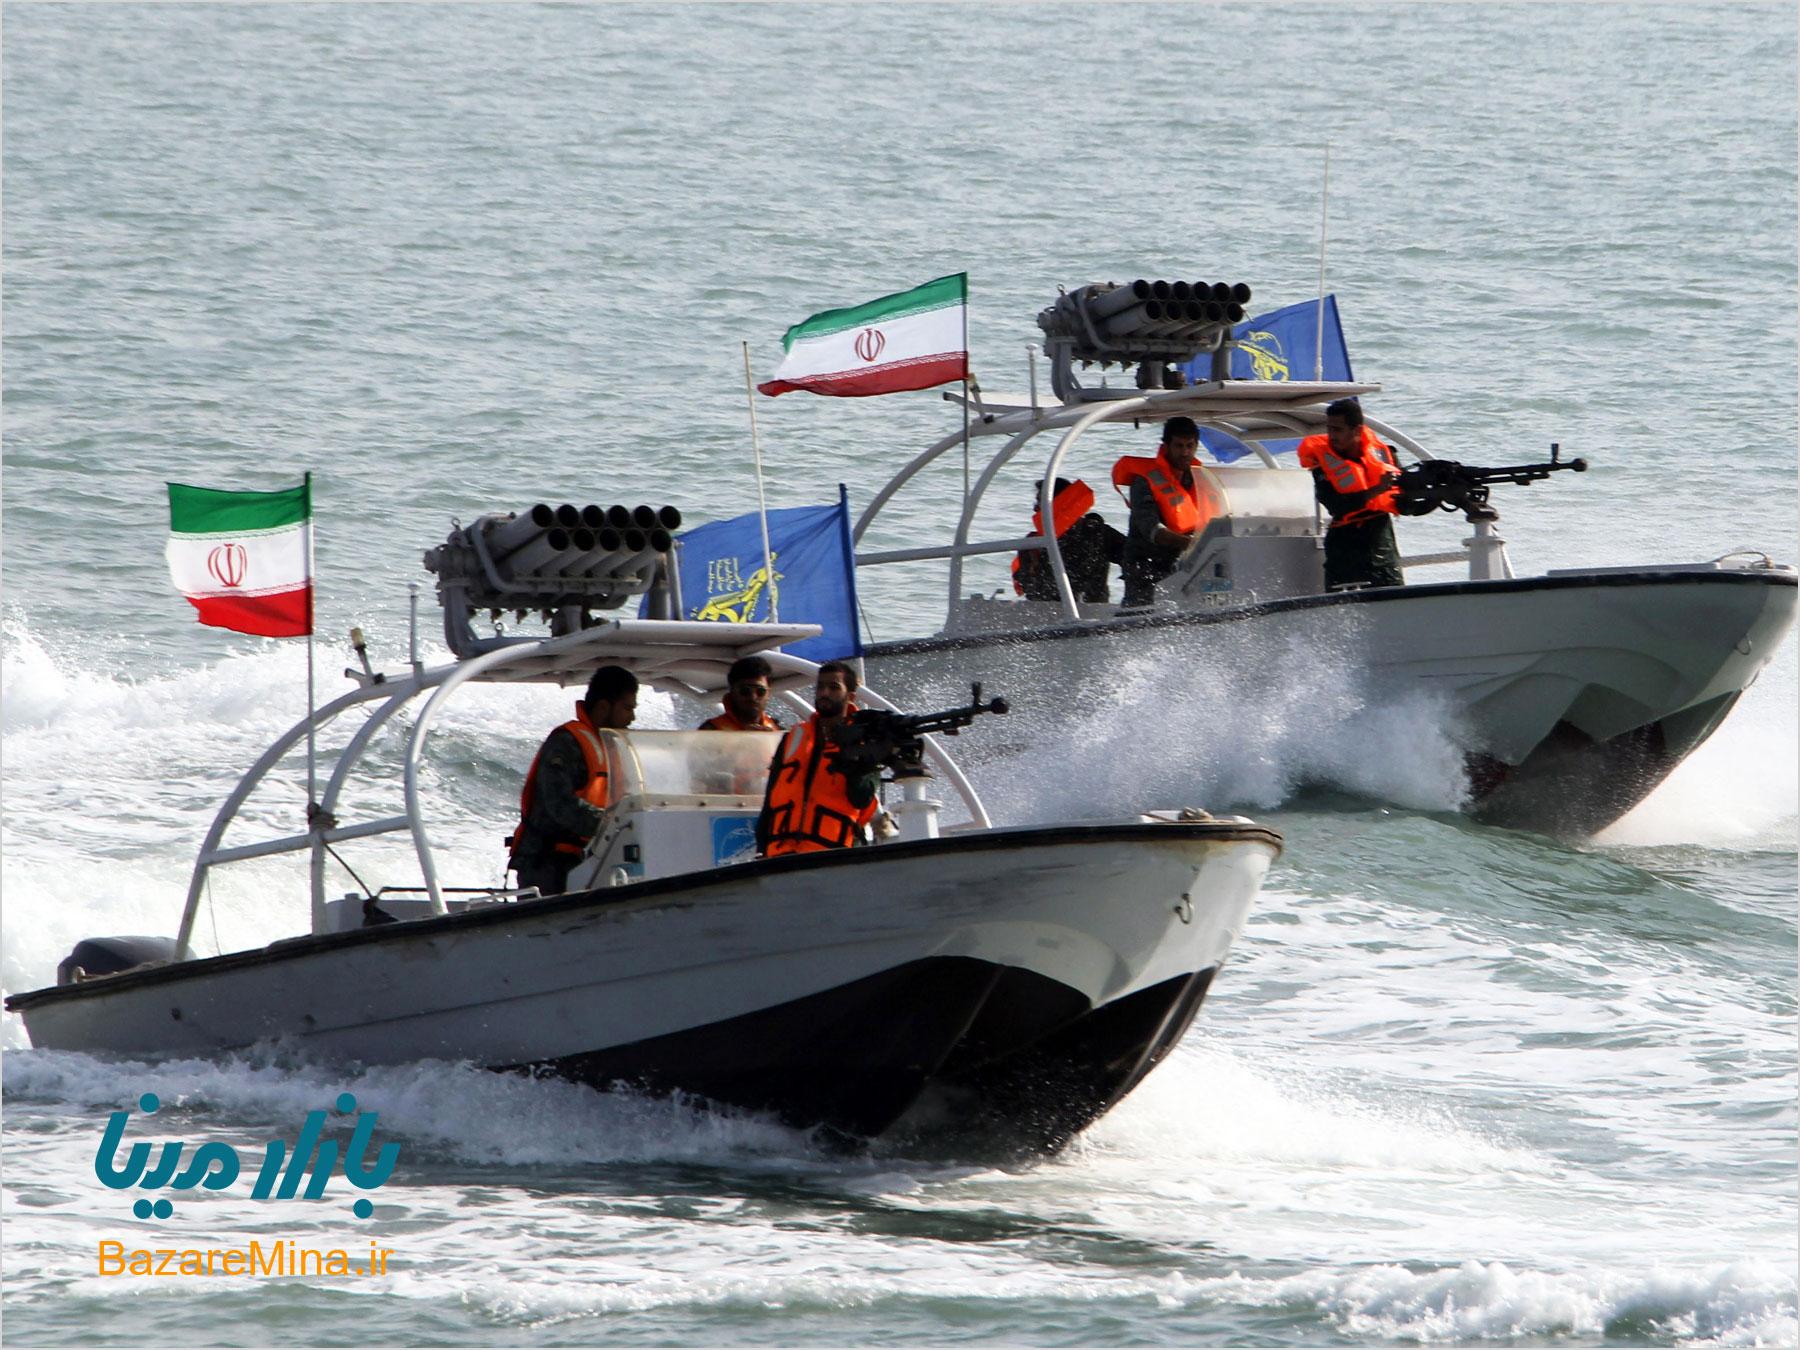 هدایای تبلیغاتی صنایع دستی ویژه روز نیروی دریایی